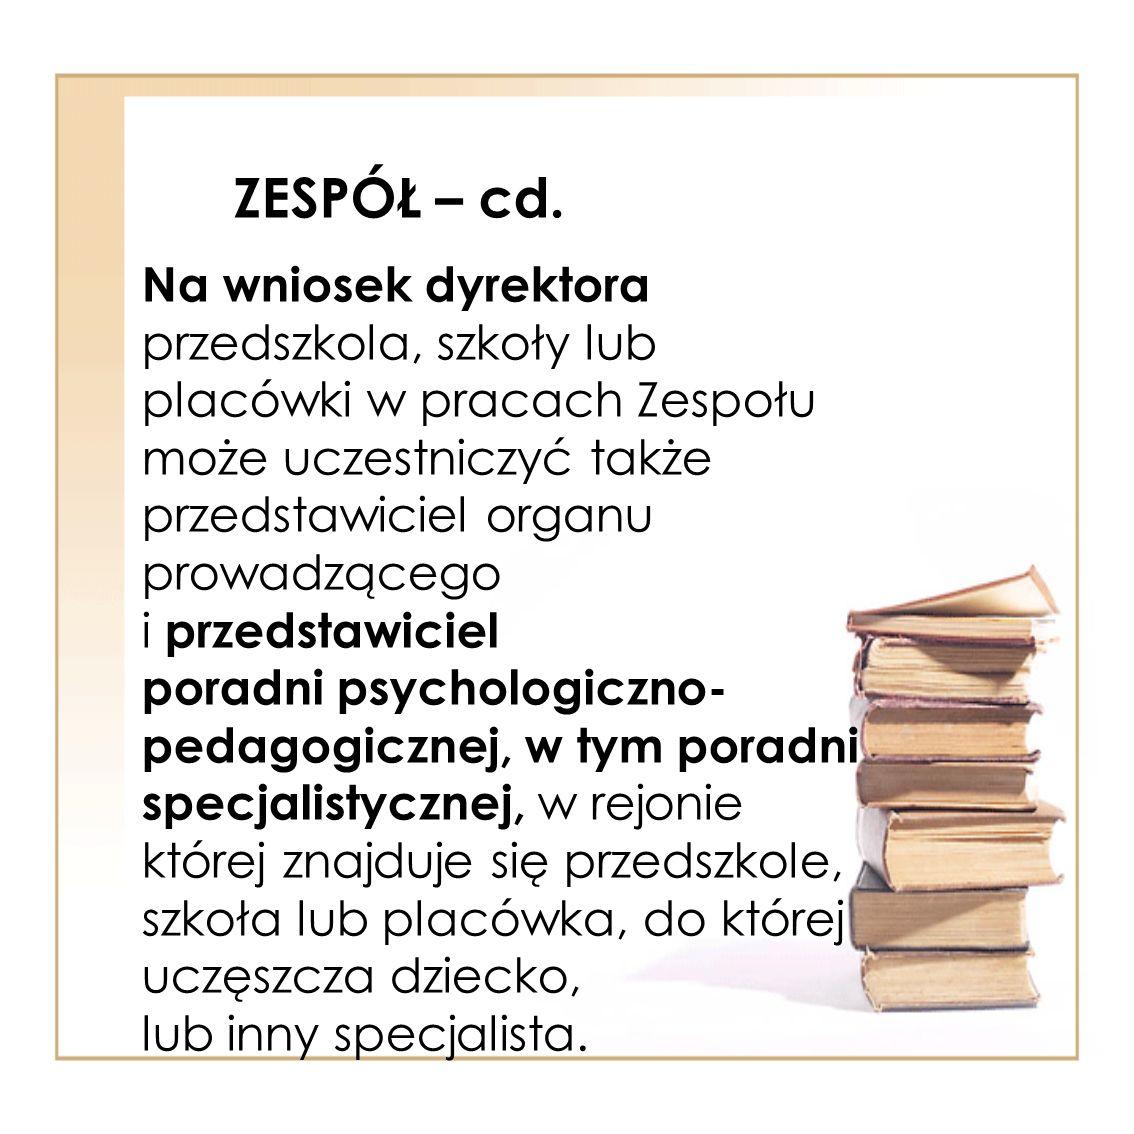 ZESPÓŁ – cd. Na wniosek dyrektora przedszkola, szkoły lub placówki w pracach Zespołu.